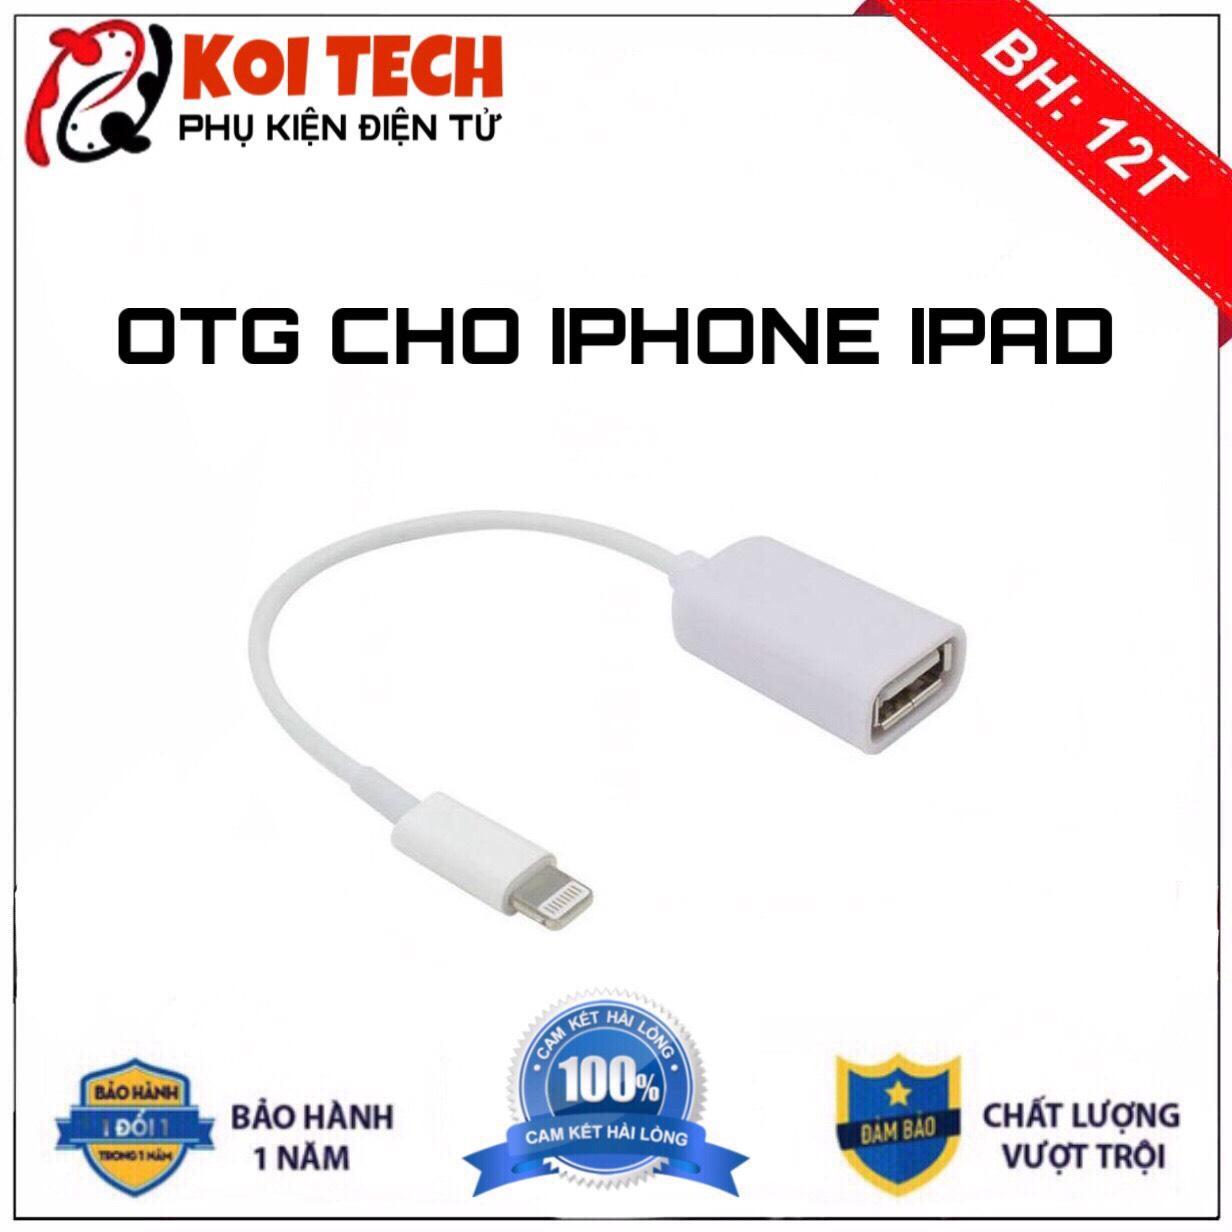 Giá CÁP OTG CHO IPHONE IPAD - Cáp OTG cho iphone ipad cổng Lightning - OTG lightning Đầu chuyển Jack chuyển adapter chuyển